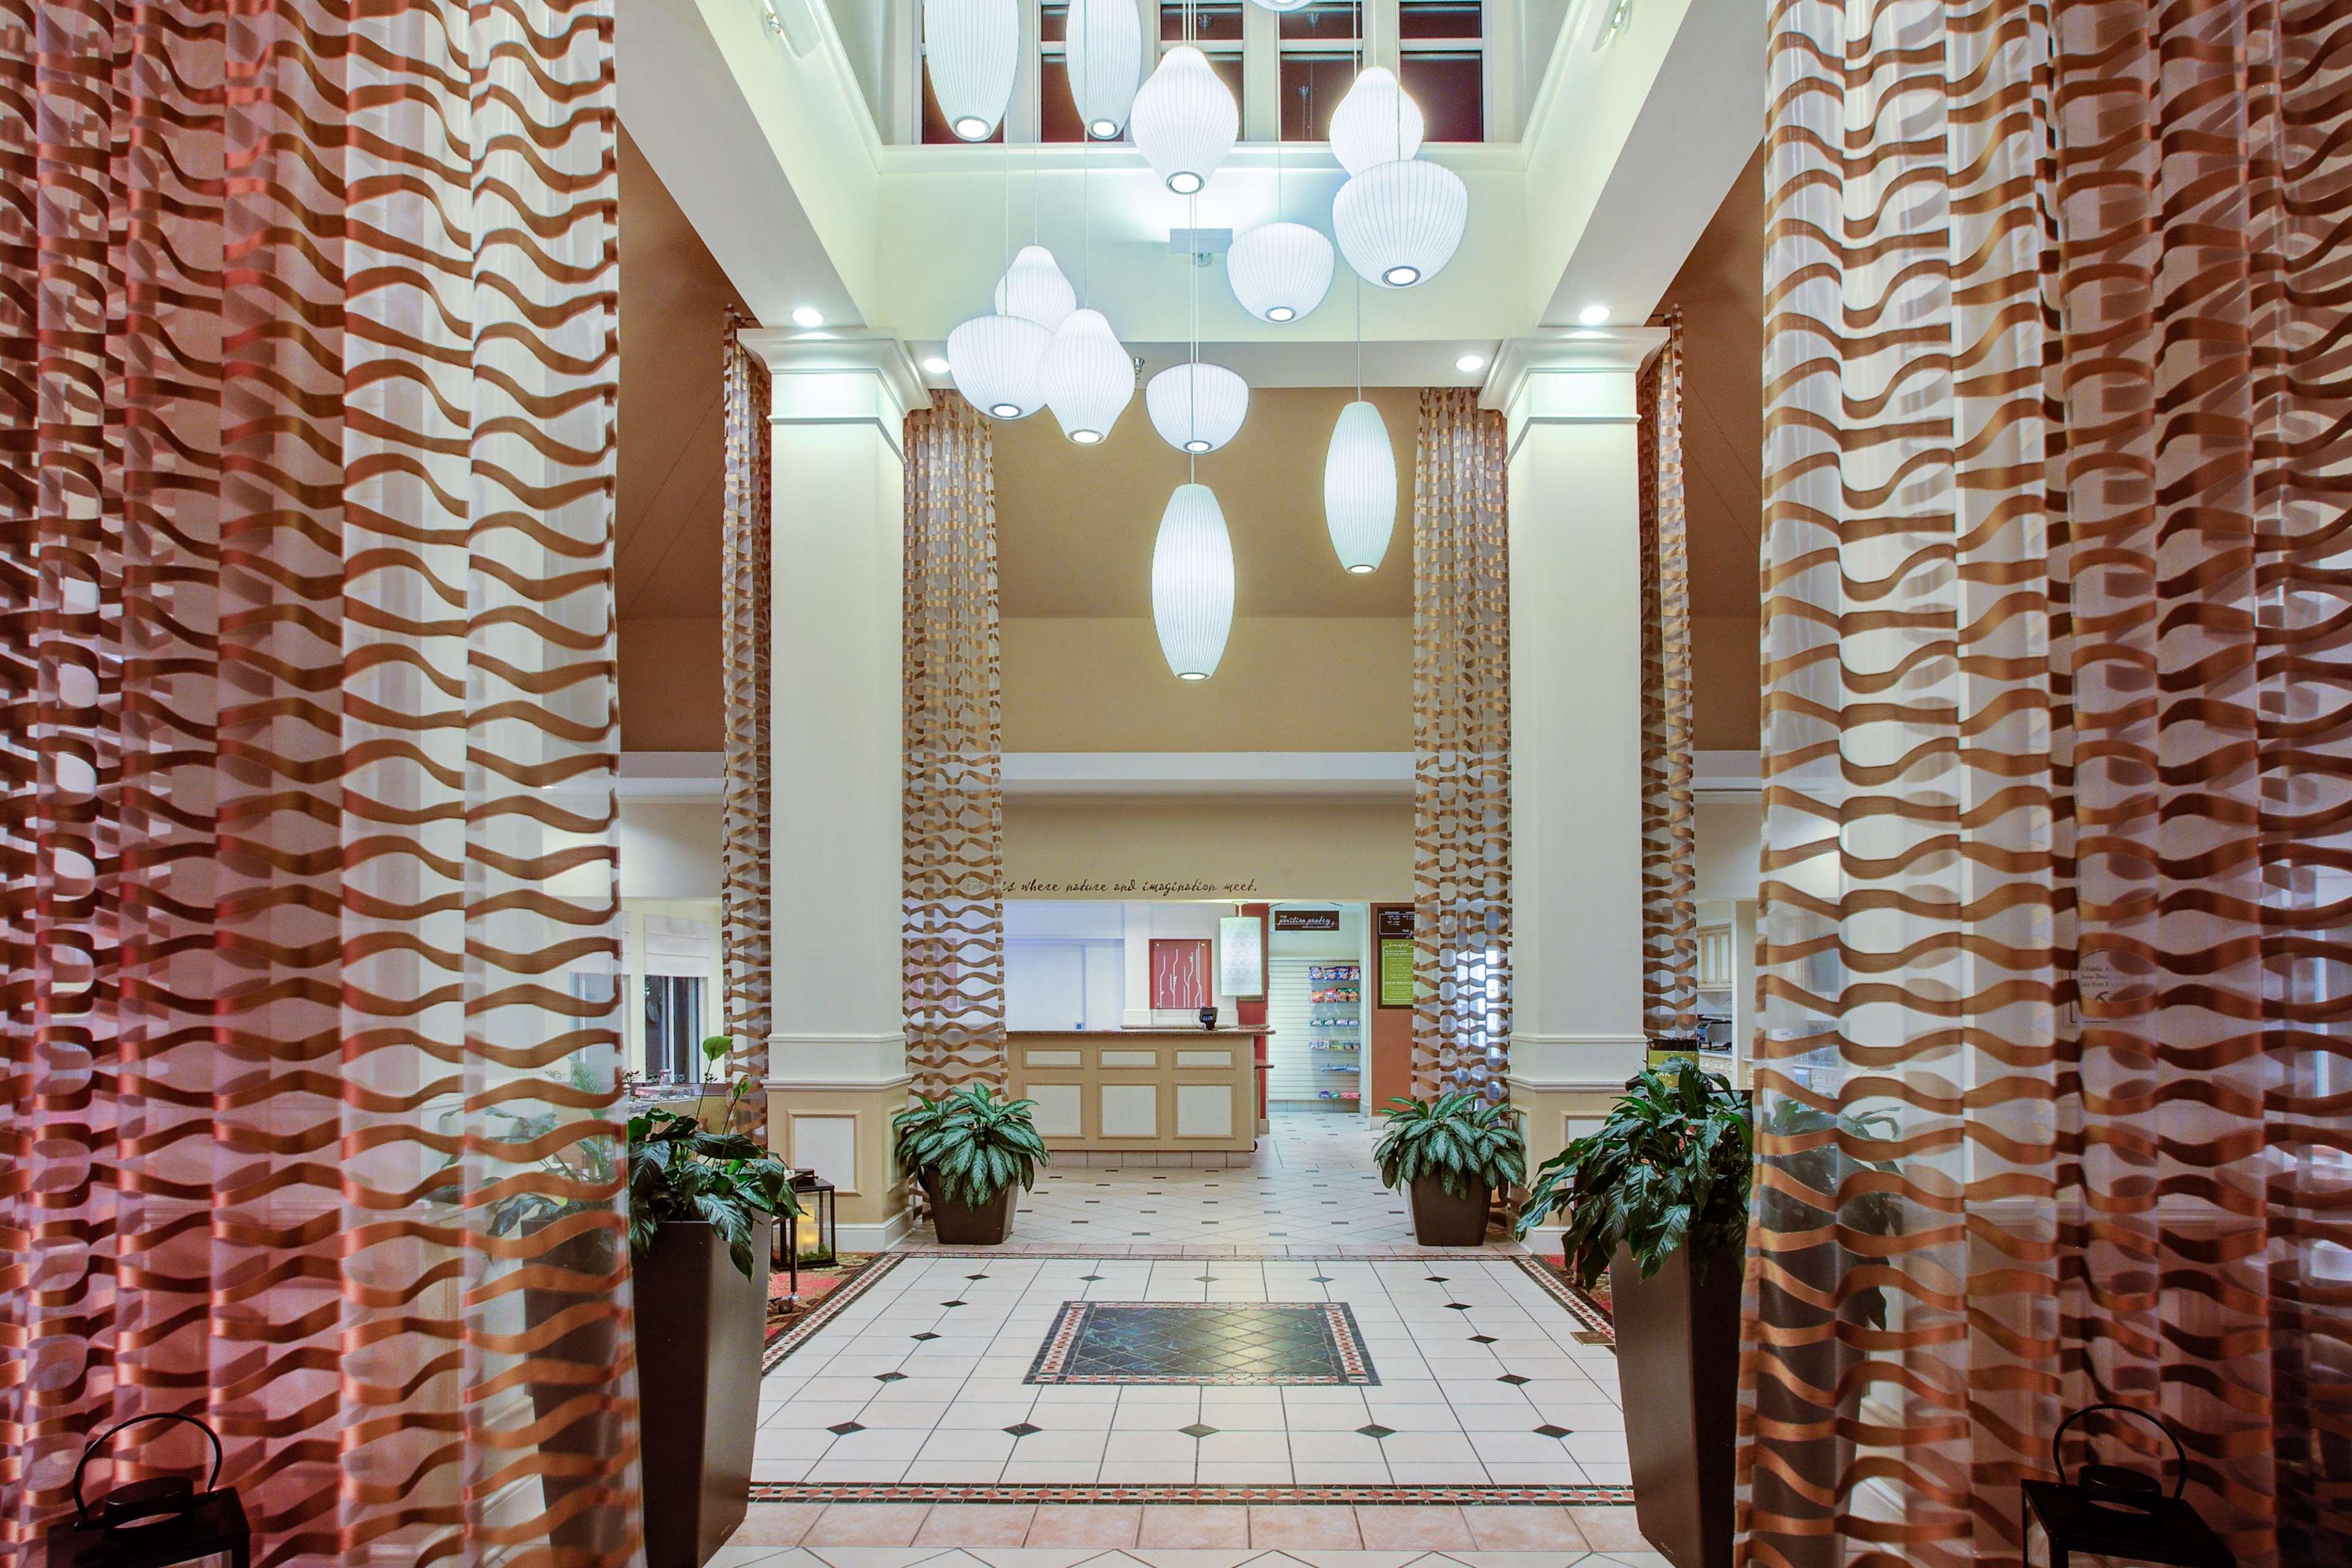 Hilton Garden Inn Chesterton image 2